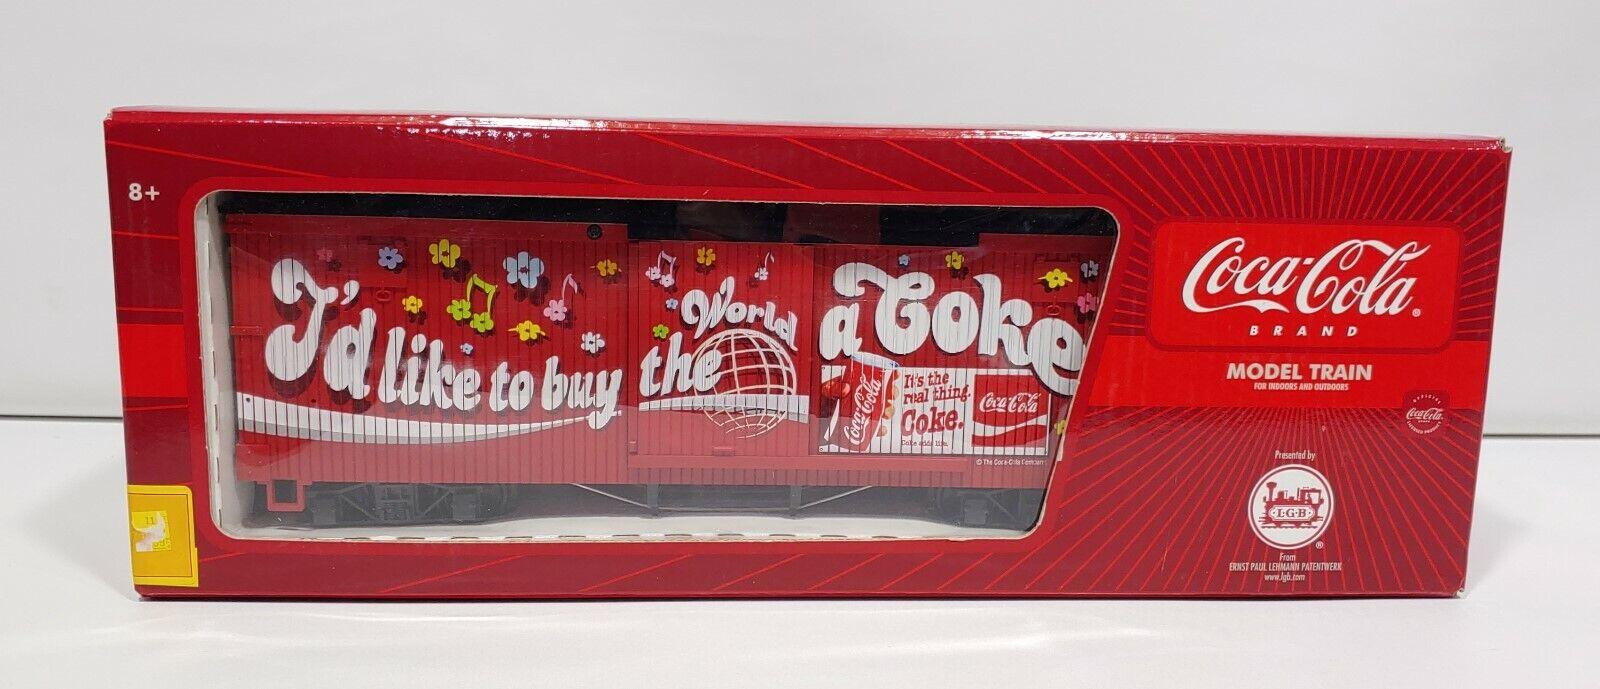 La marca lgb coca cola, Melody box, con un un un audio electrónico. 49f